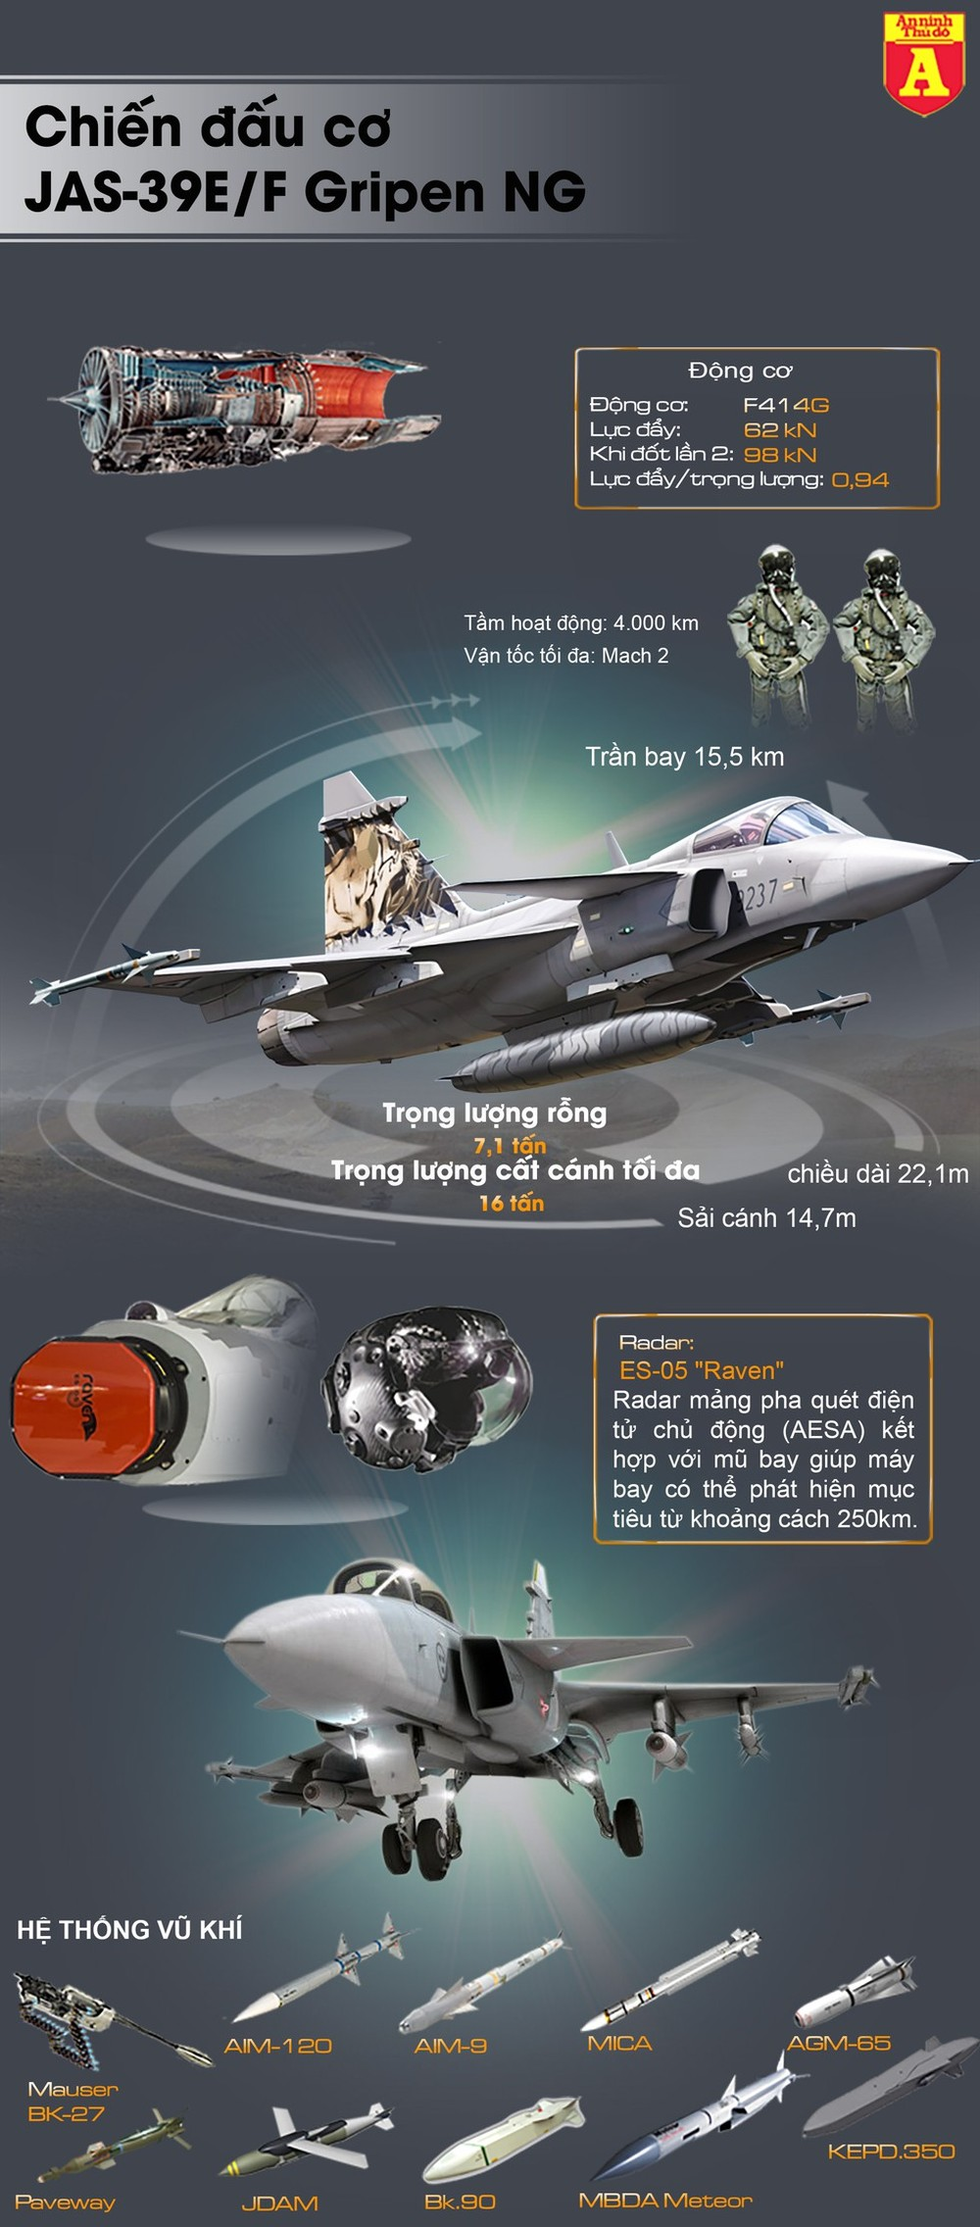 [Info] Đối thủ của Su-35S Nga tại châu Âu đã chính thức đi vào biên chế ảnh 2